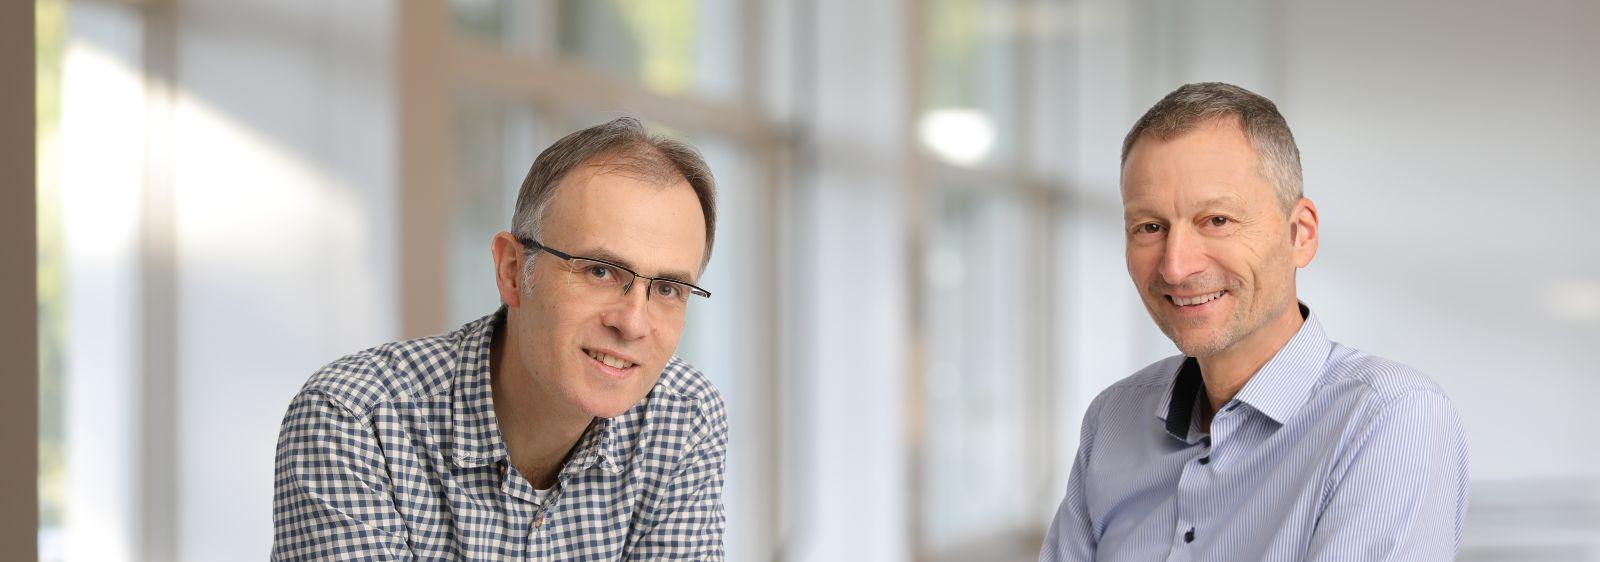 Sie haben den Bestand an Nichtwohngebäuden in Deutschland erstmals repräsentativ erfasst: Projektleiter Michael Hörner (re.) und Dr. Holger Cischinsky sind Wissenschaftler am Darmstädter Institut Wohnen und Umwelt.